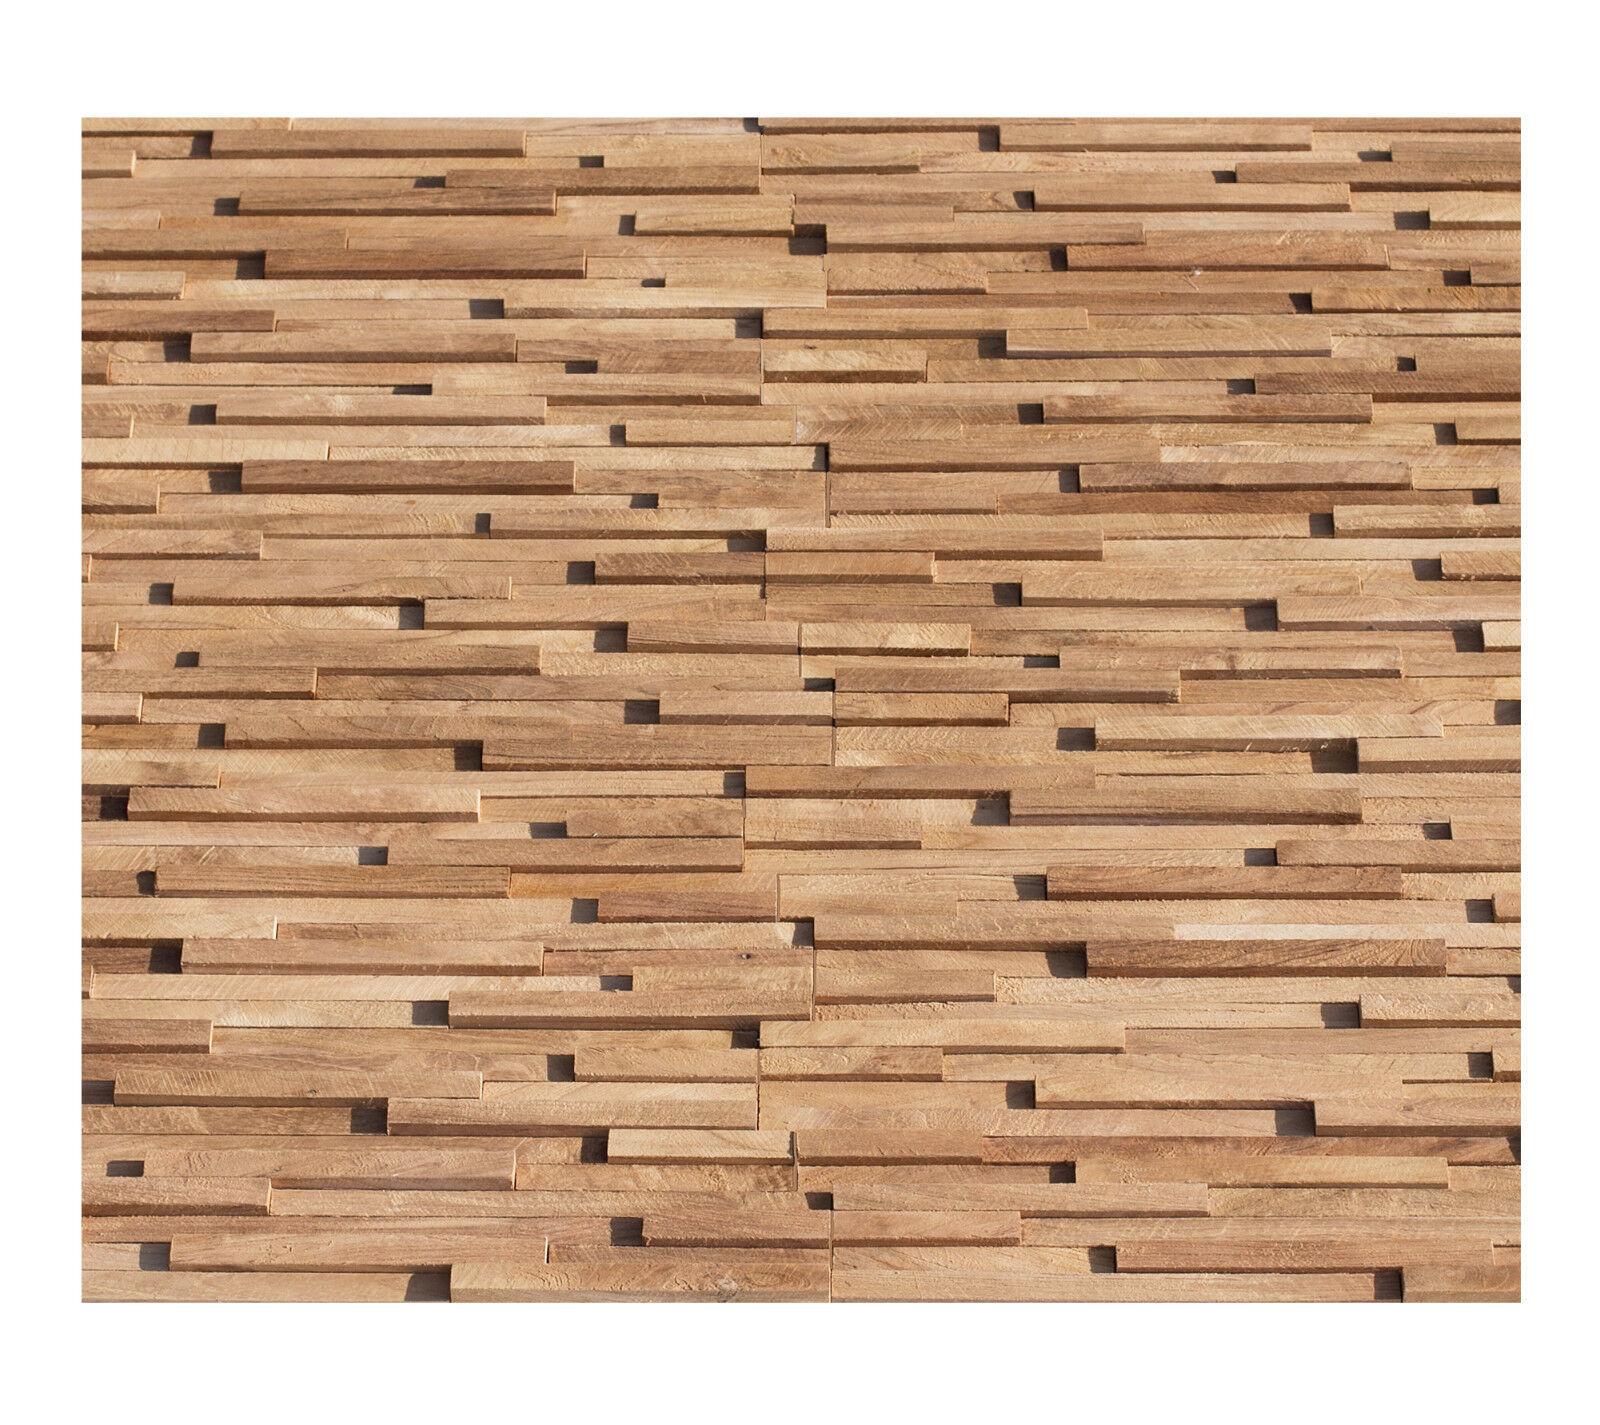 1 qm Teak-Holz Mosaik HO-007 Wandverkleidung Holzwand Trennwand Wand-Dekoration